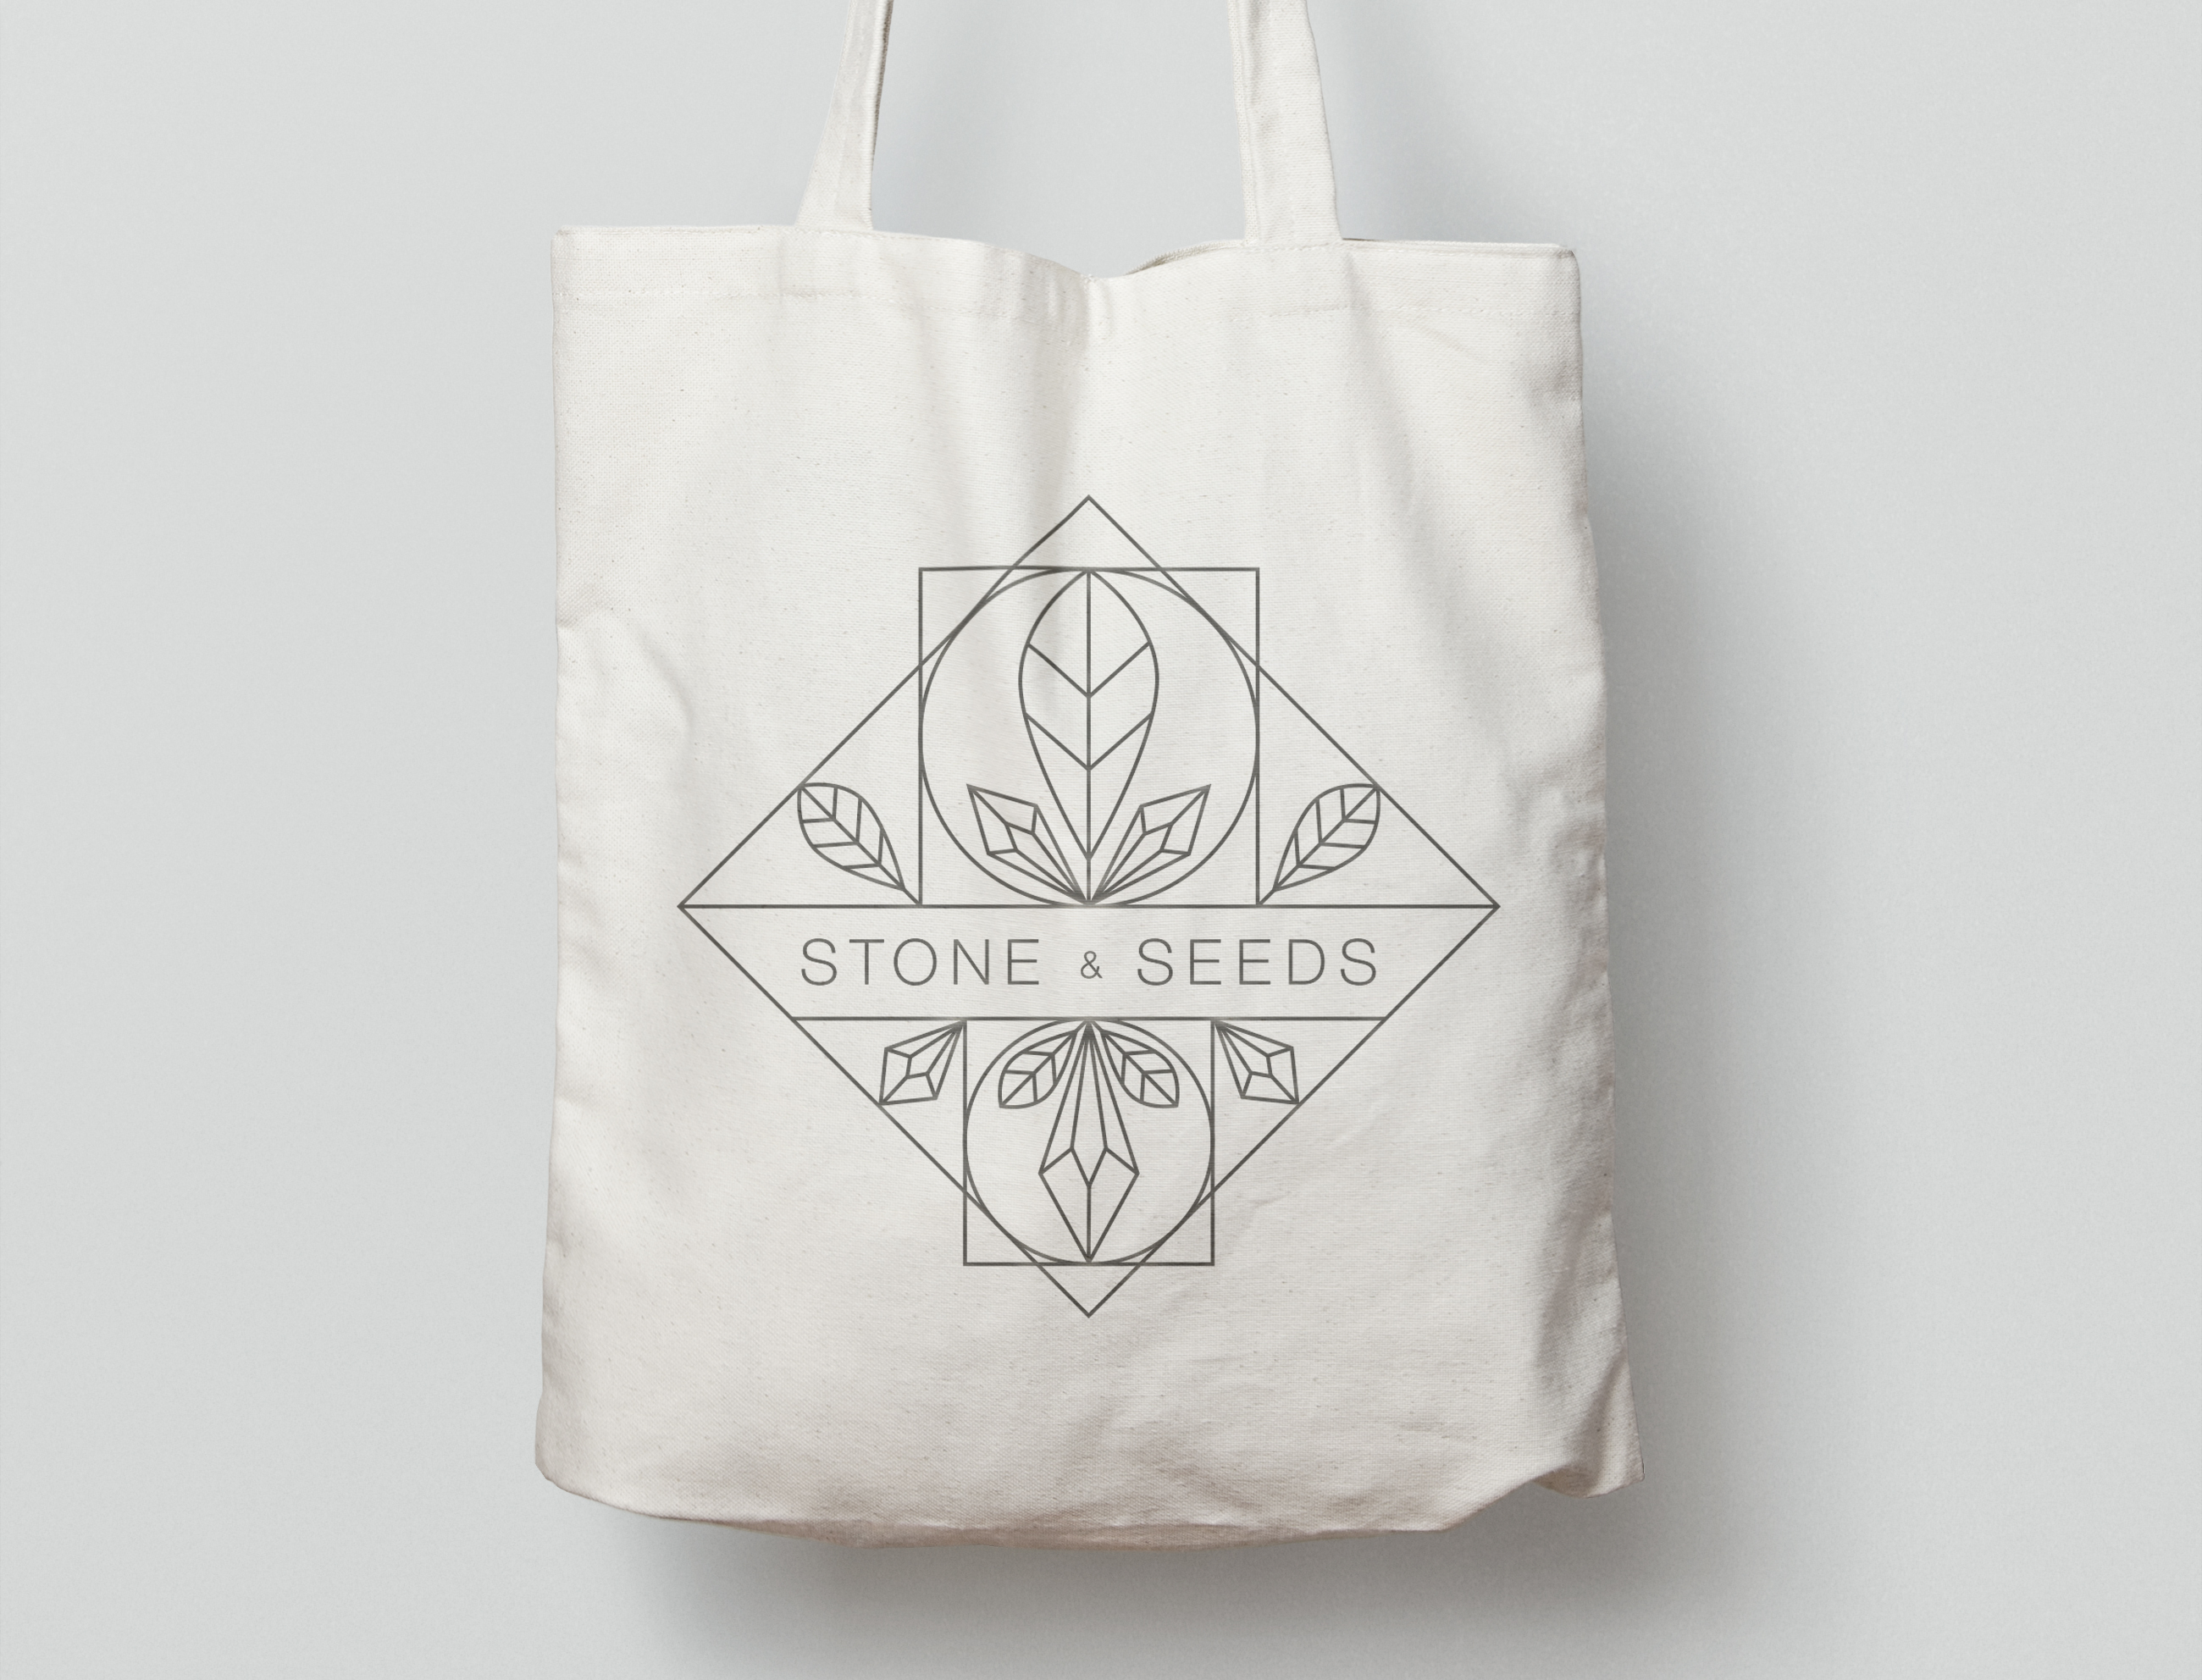 Bild einer Tasche mit Logo